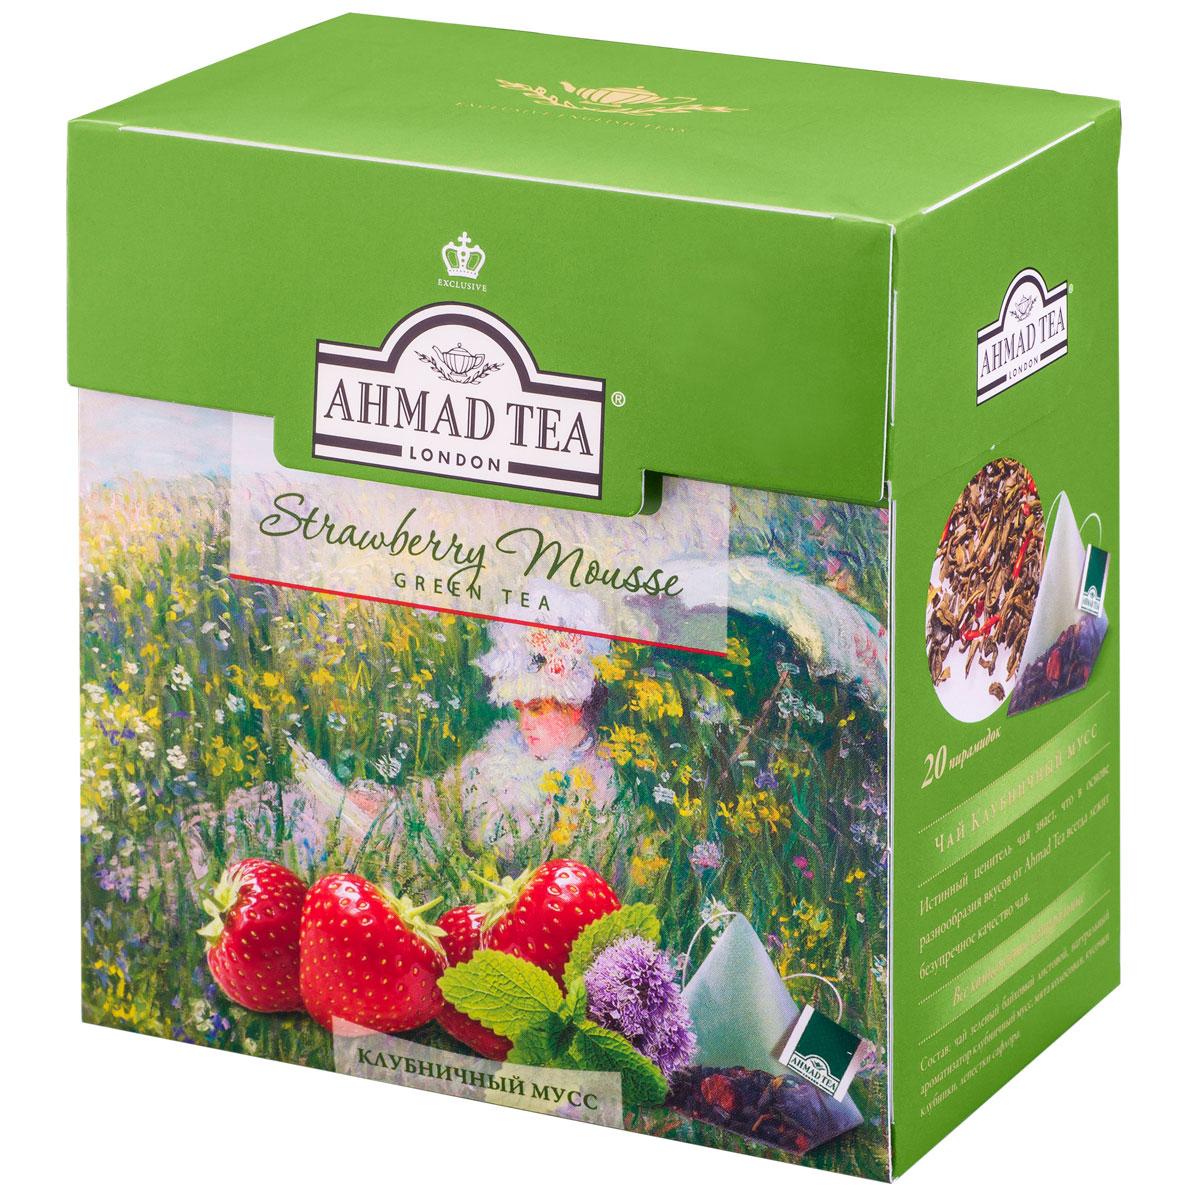 Ahmad Tea Strawberry Mousse зеленый чай в пирамидках, 20 шт1237Вкус композиции Ahmad Tea Strawberry Mousse открывает новые грани совершенства чая: благородный китайский зеленый чай раскрывается в букет с душистым клубничным ароматом и нотой мятной свежести.Заваривать 4-6 минут, температура воды 90°С.Всё о чае: сорта, факты, советы по выбору и употреблению. Статья OZON Гид